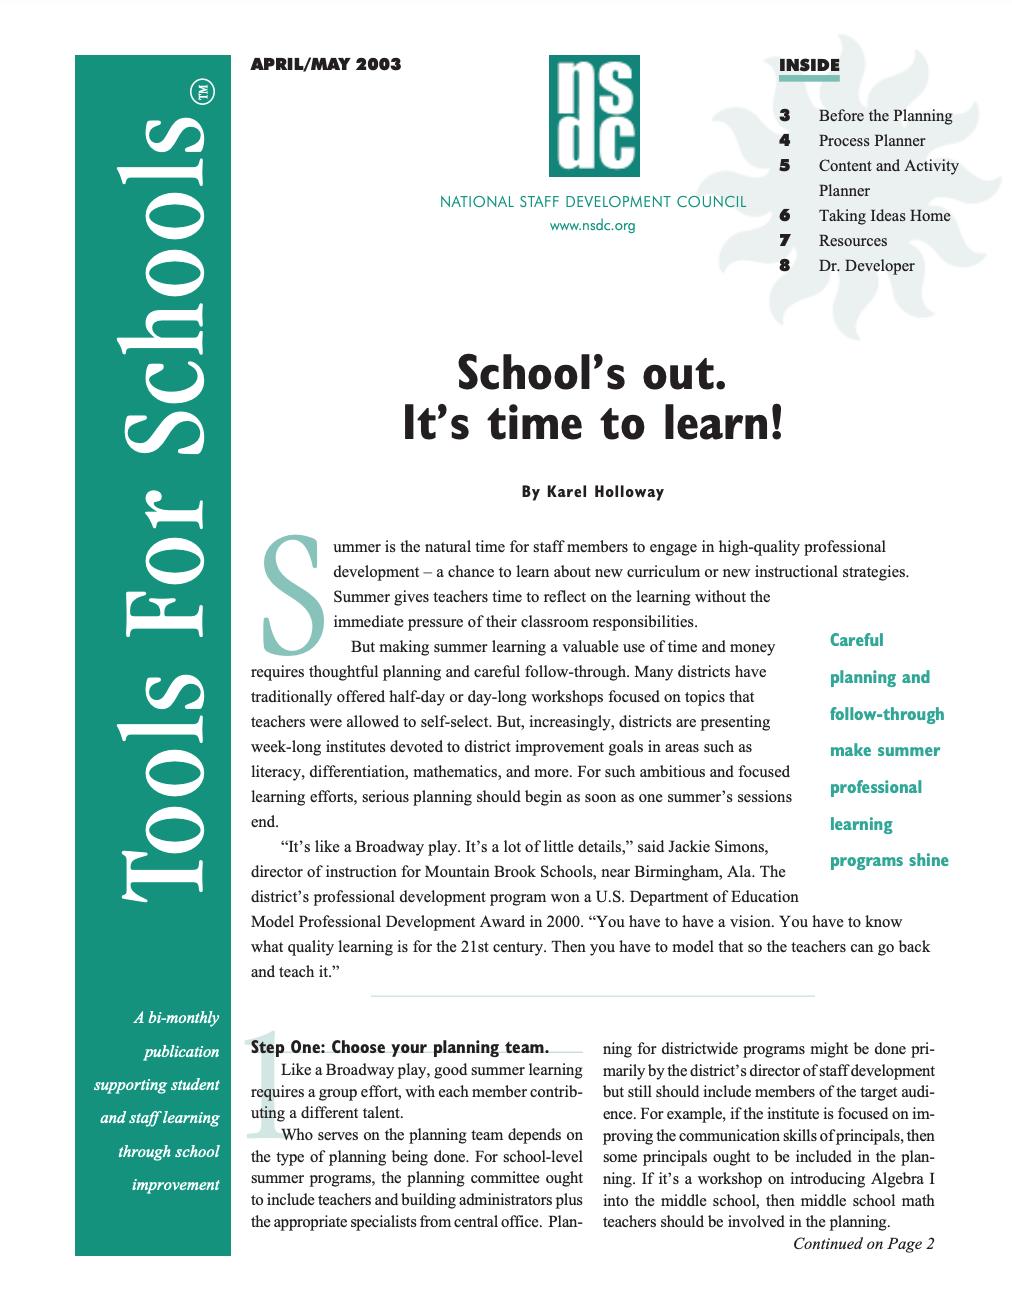 tools-for-schools-april-may-2003-vol-6-no-5